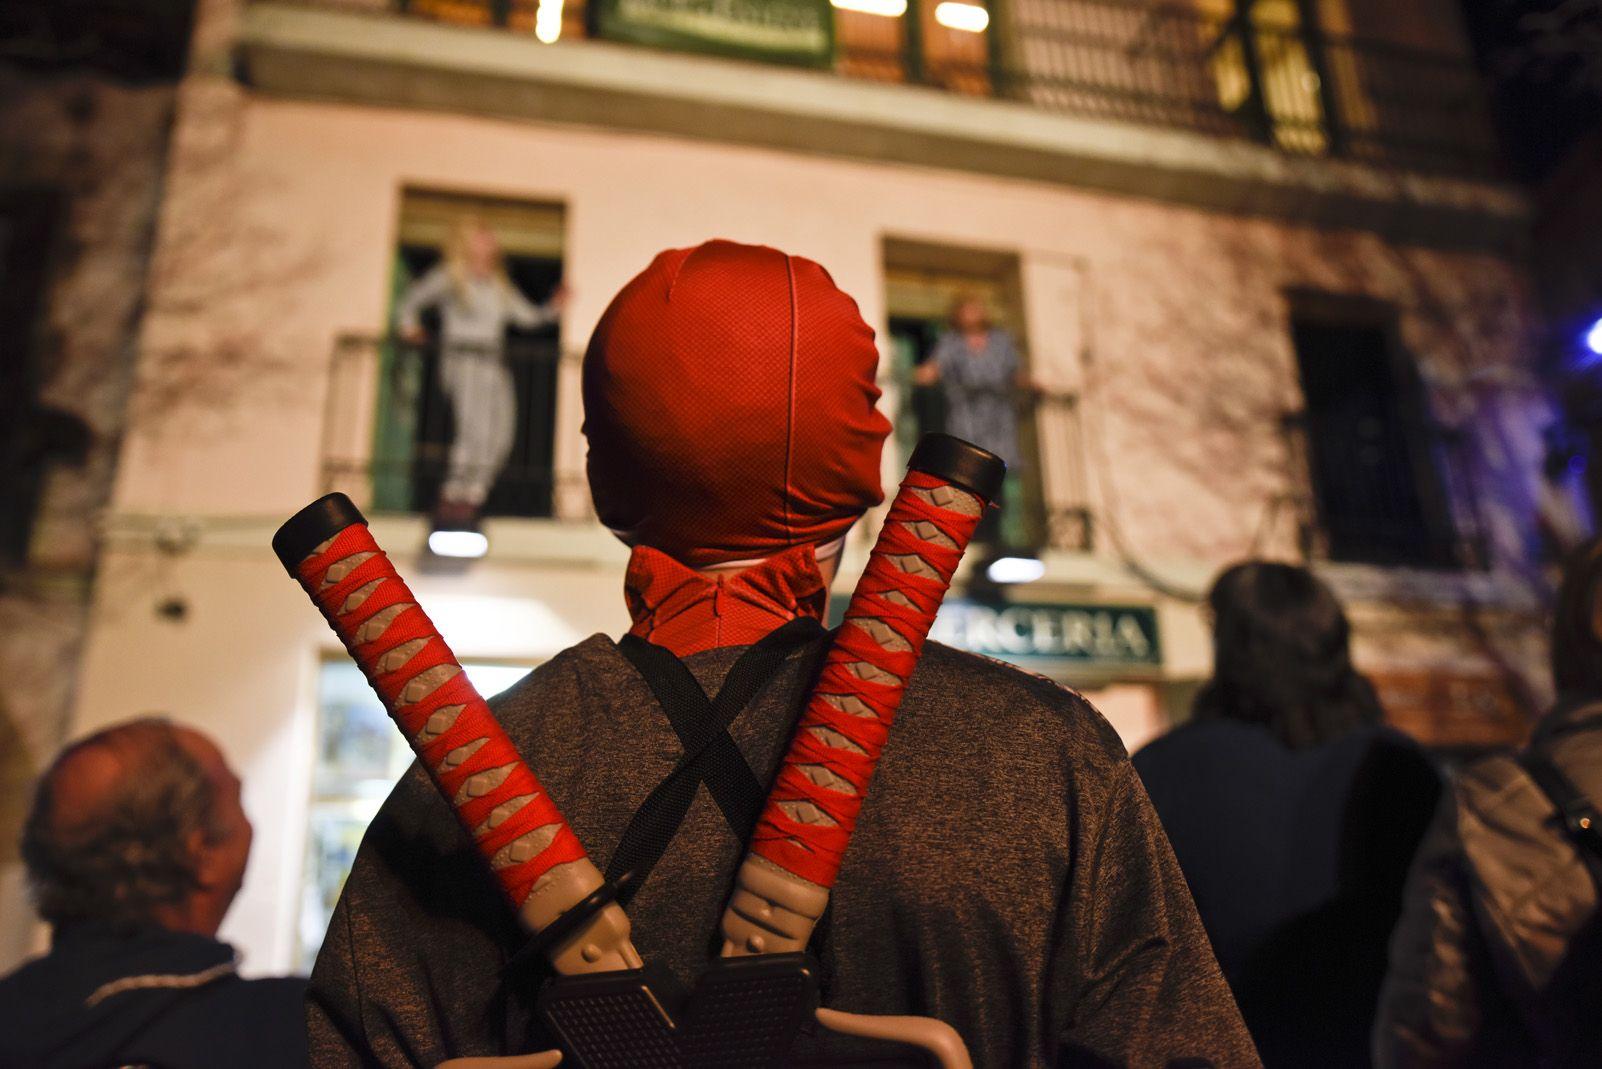 Presentació del programa de Carnaval. Foto: Bernat Millet.